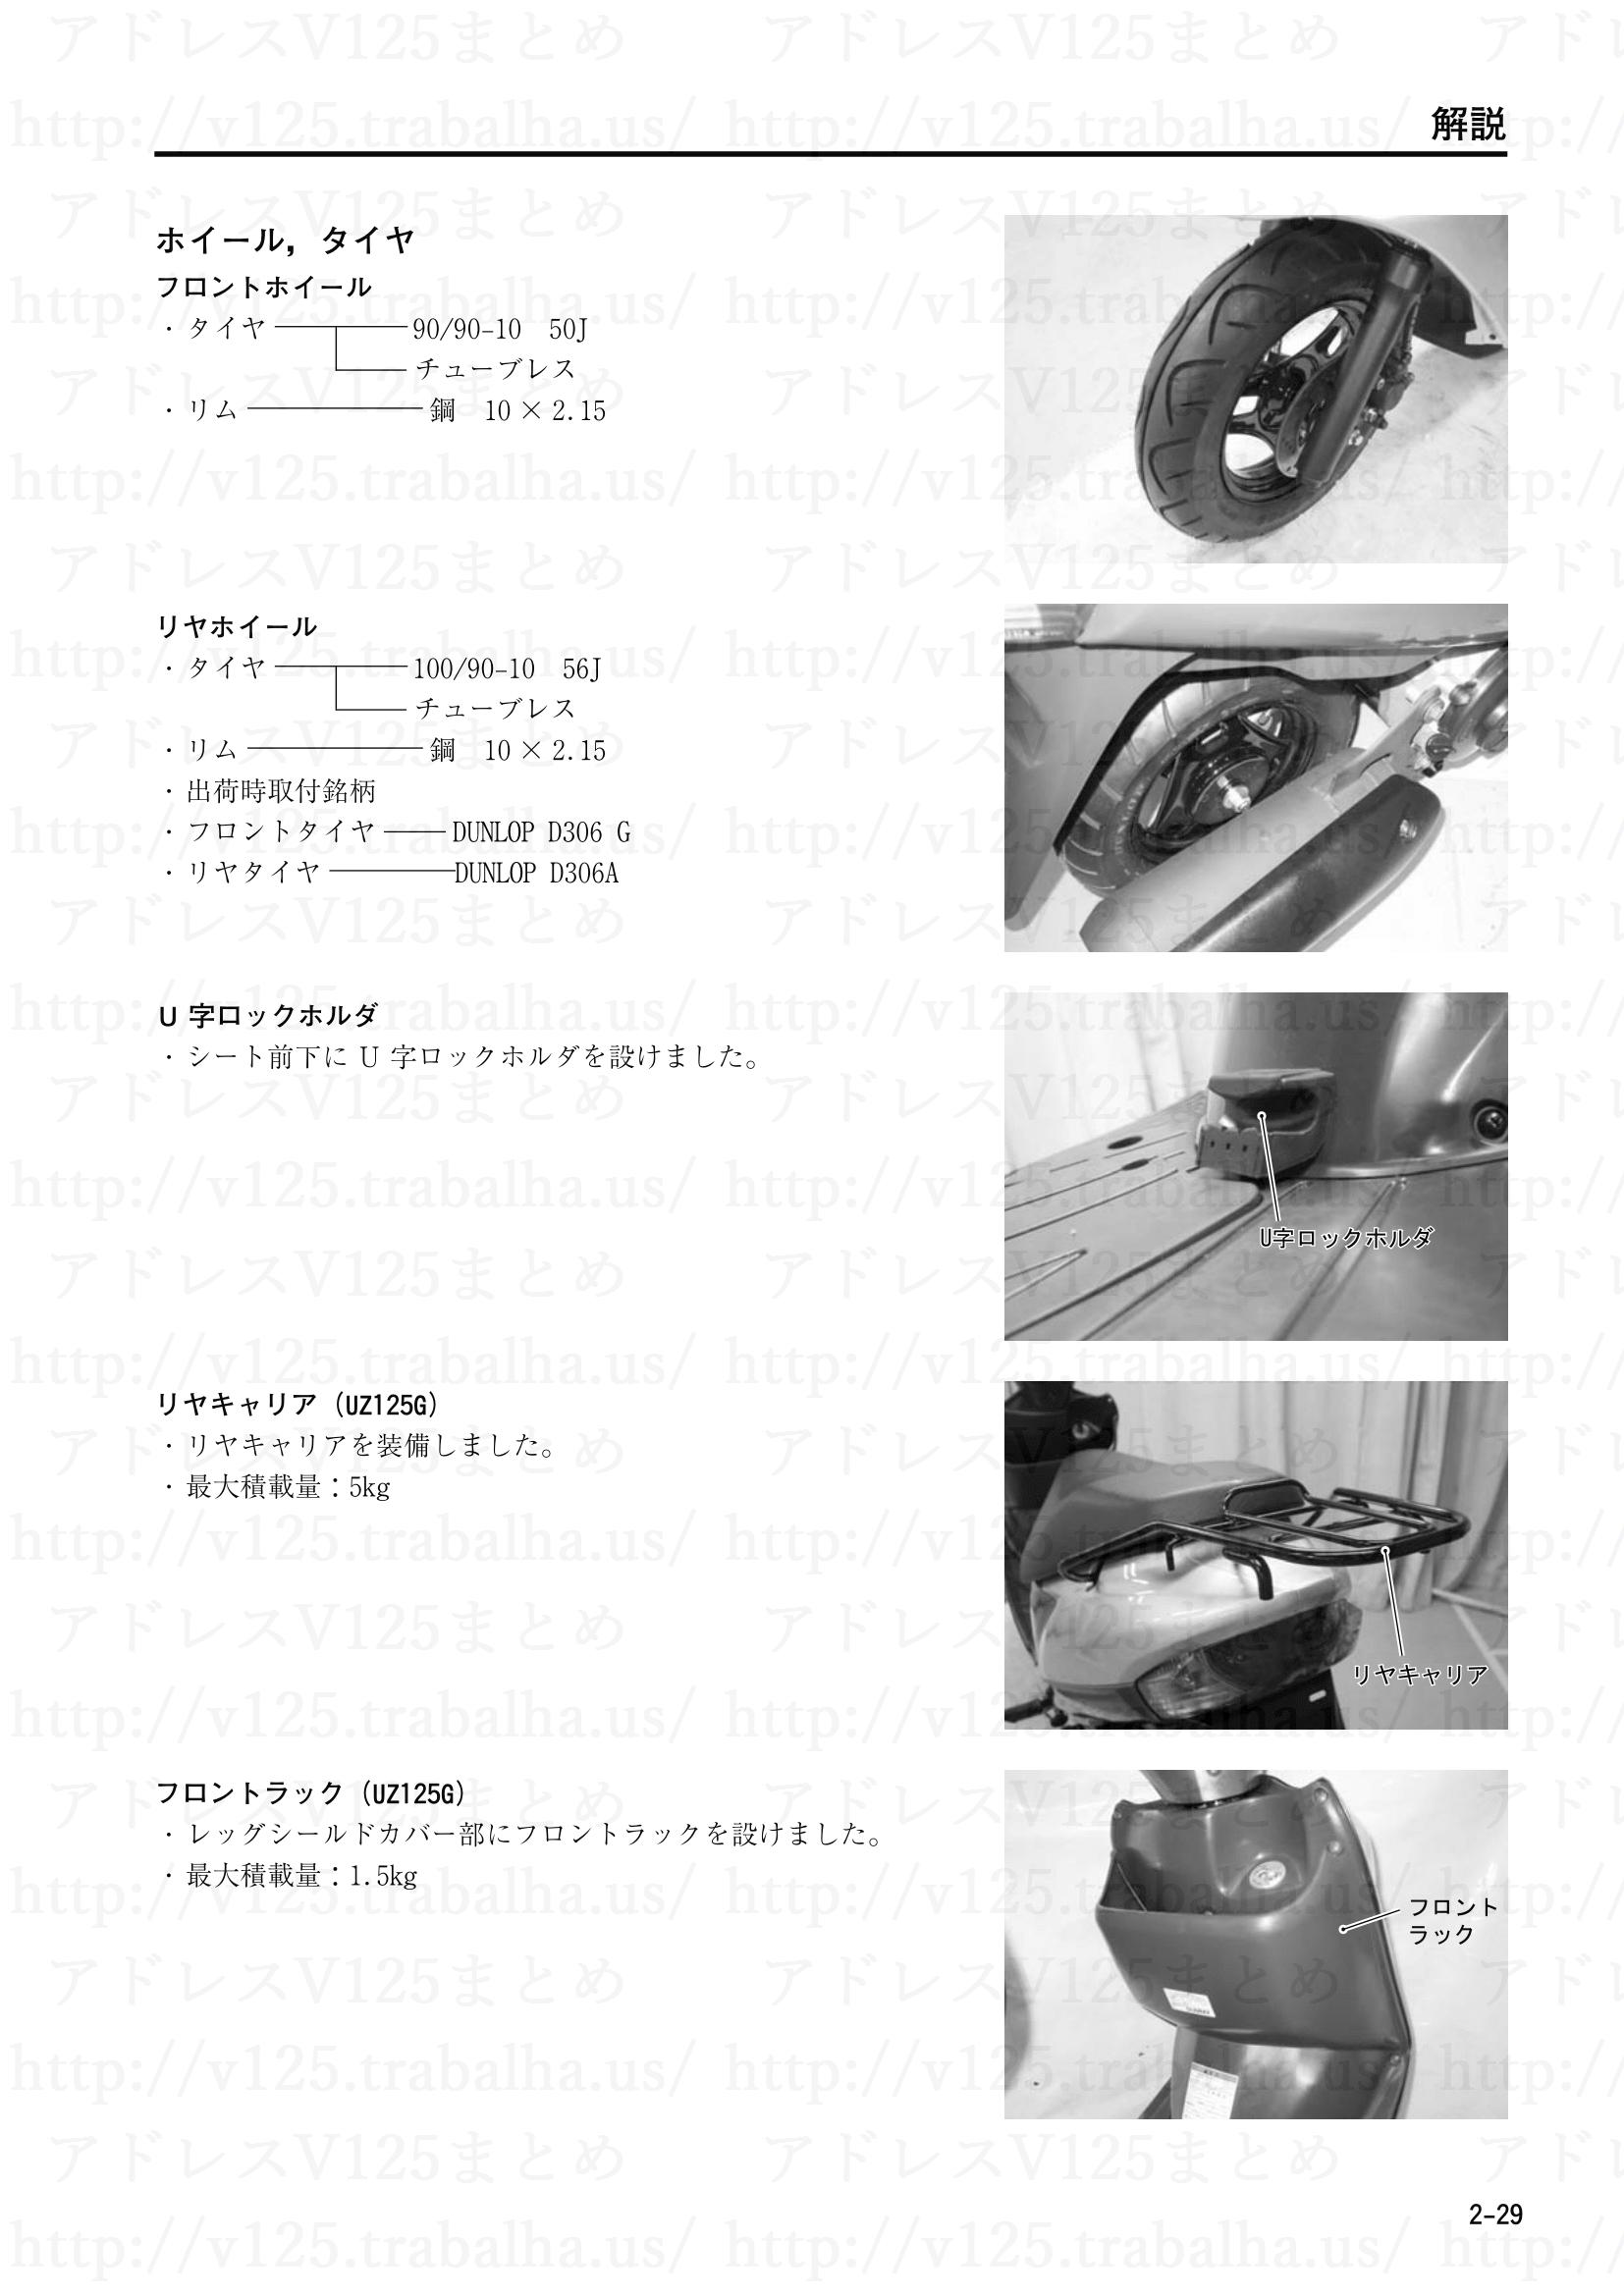 2-29【解説】ホイール,タイヤ